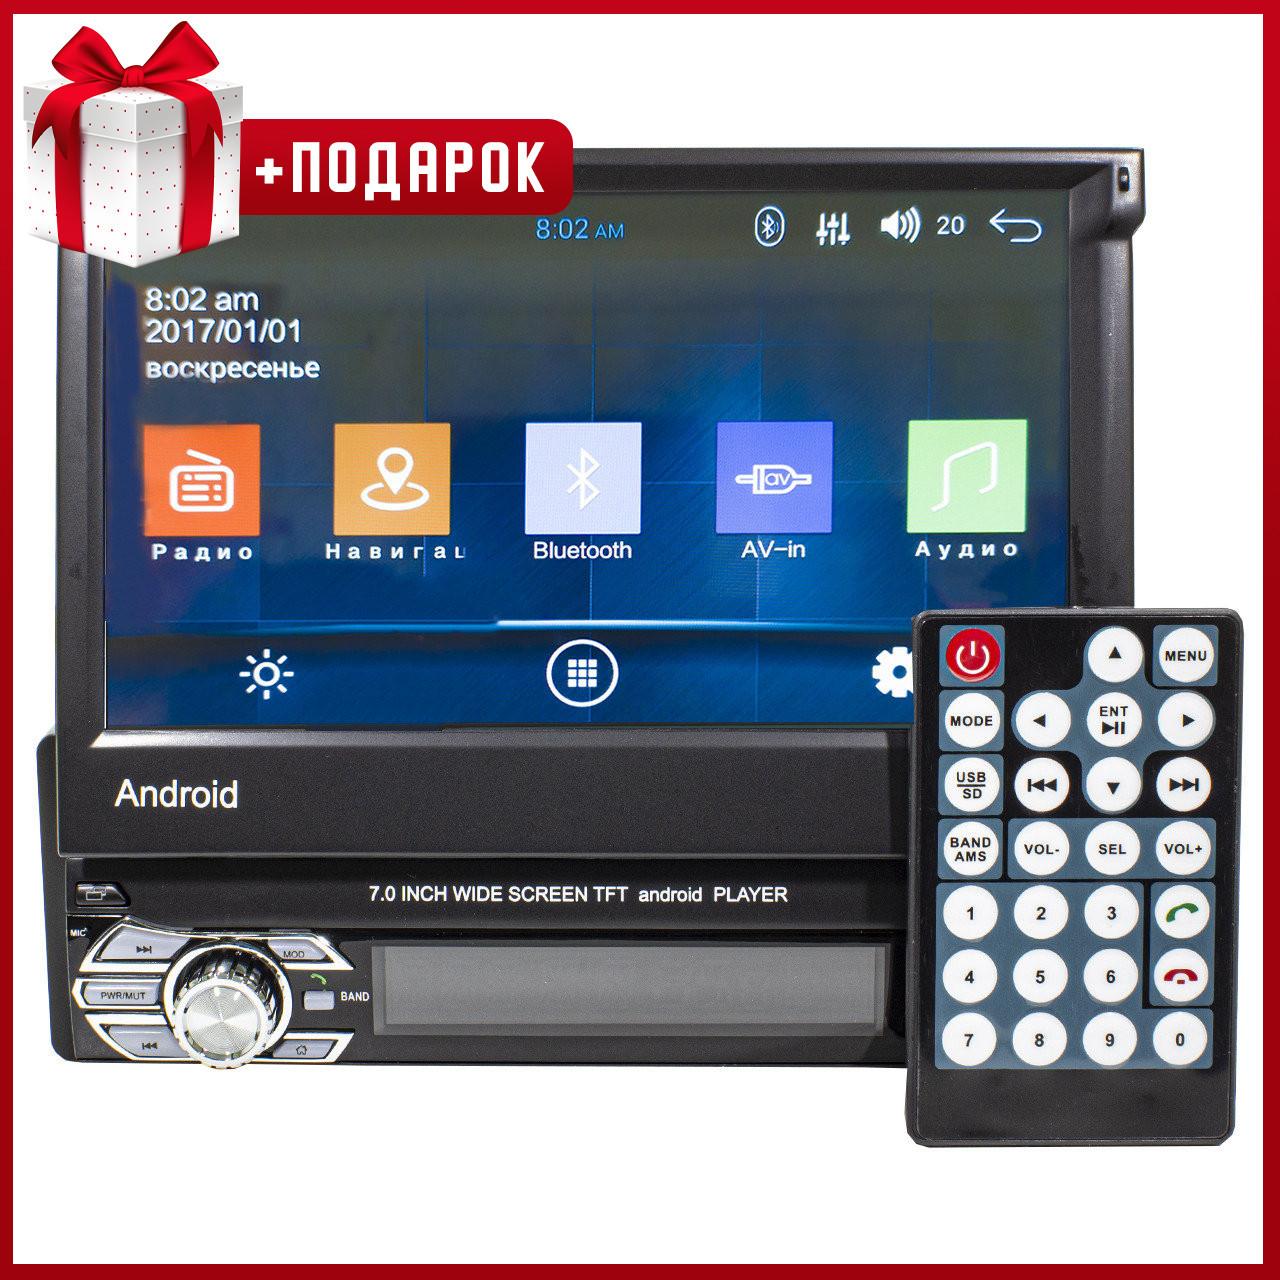 Автомобильная магнитола Lesko 9601A с выдвижным экраном 7 дюймов сенсорный 1din WiFi GPS Android 5 + Подарок (3578-10354)